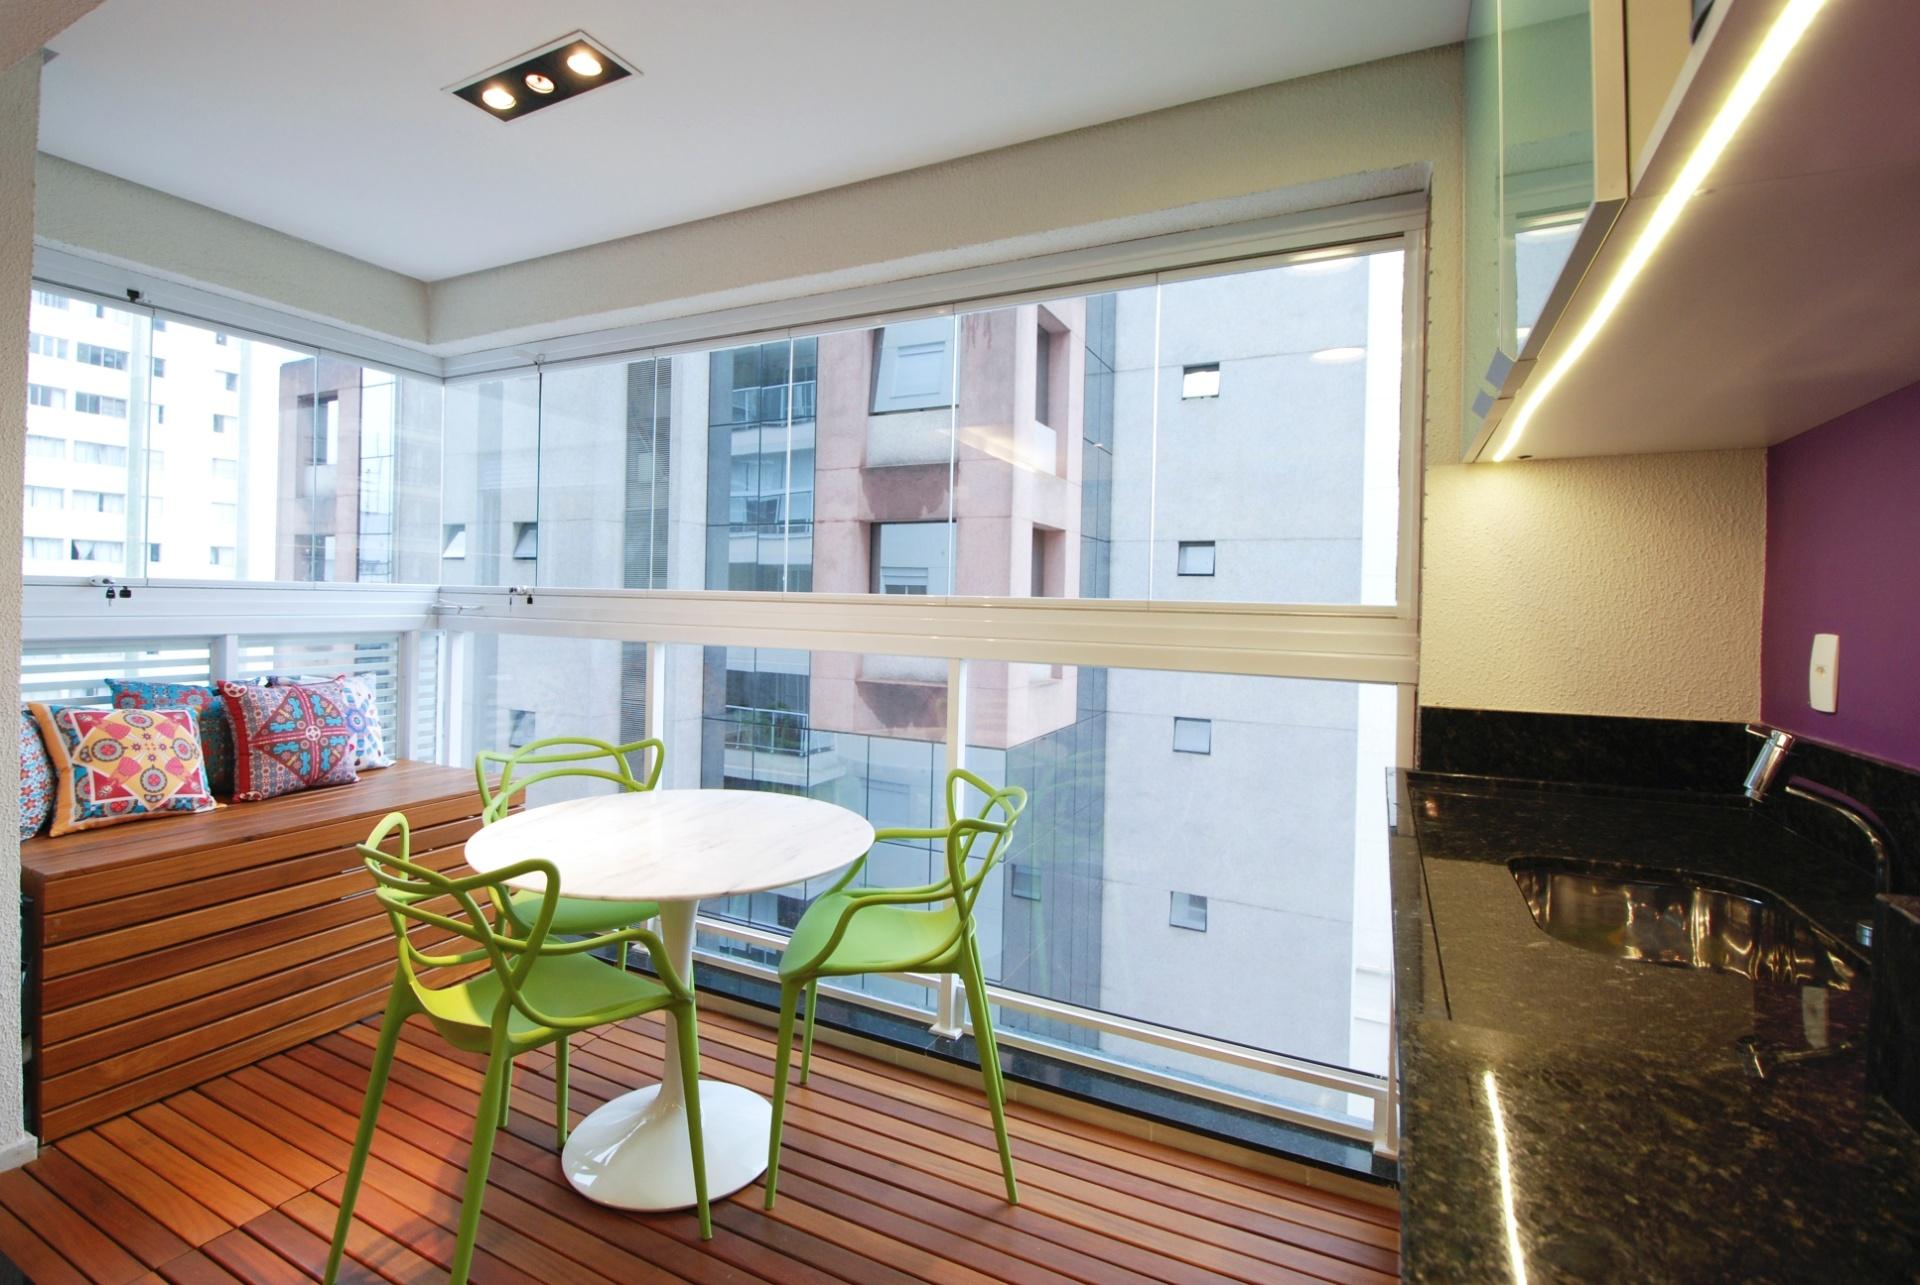 Para evitar quebra-quebra, Leandro Matsuda instalou sobre o piso cerâmico original da varanda um deck de madeira. O mesmo material esconde o ar-condicionado e estrutura um banco (à esq.). Como a varanda está integrada aos ambientes internos, o arquiteto optou pelo fechamento em vidro, alinhado ao guarda-corpo. No espaço, as três cadeiras verdes do modelo Allegra (Sun House) são feitas de polipropileno e foram combinadas à mesa com design do finlandês Eero Saarinen